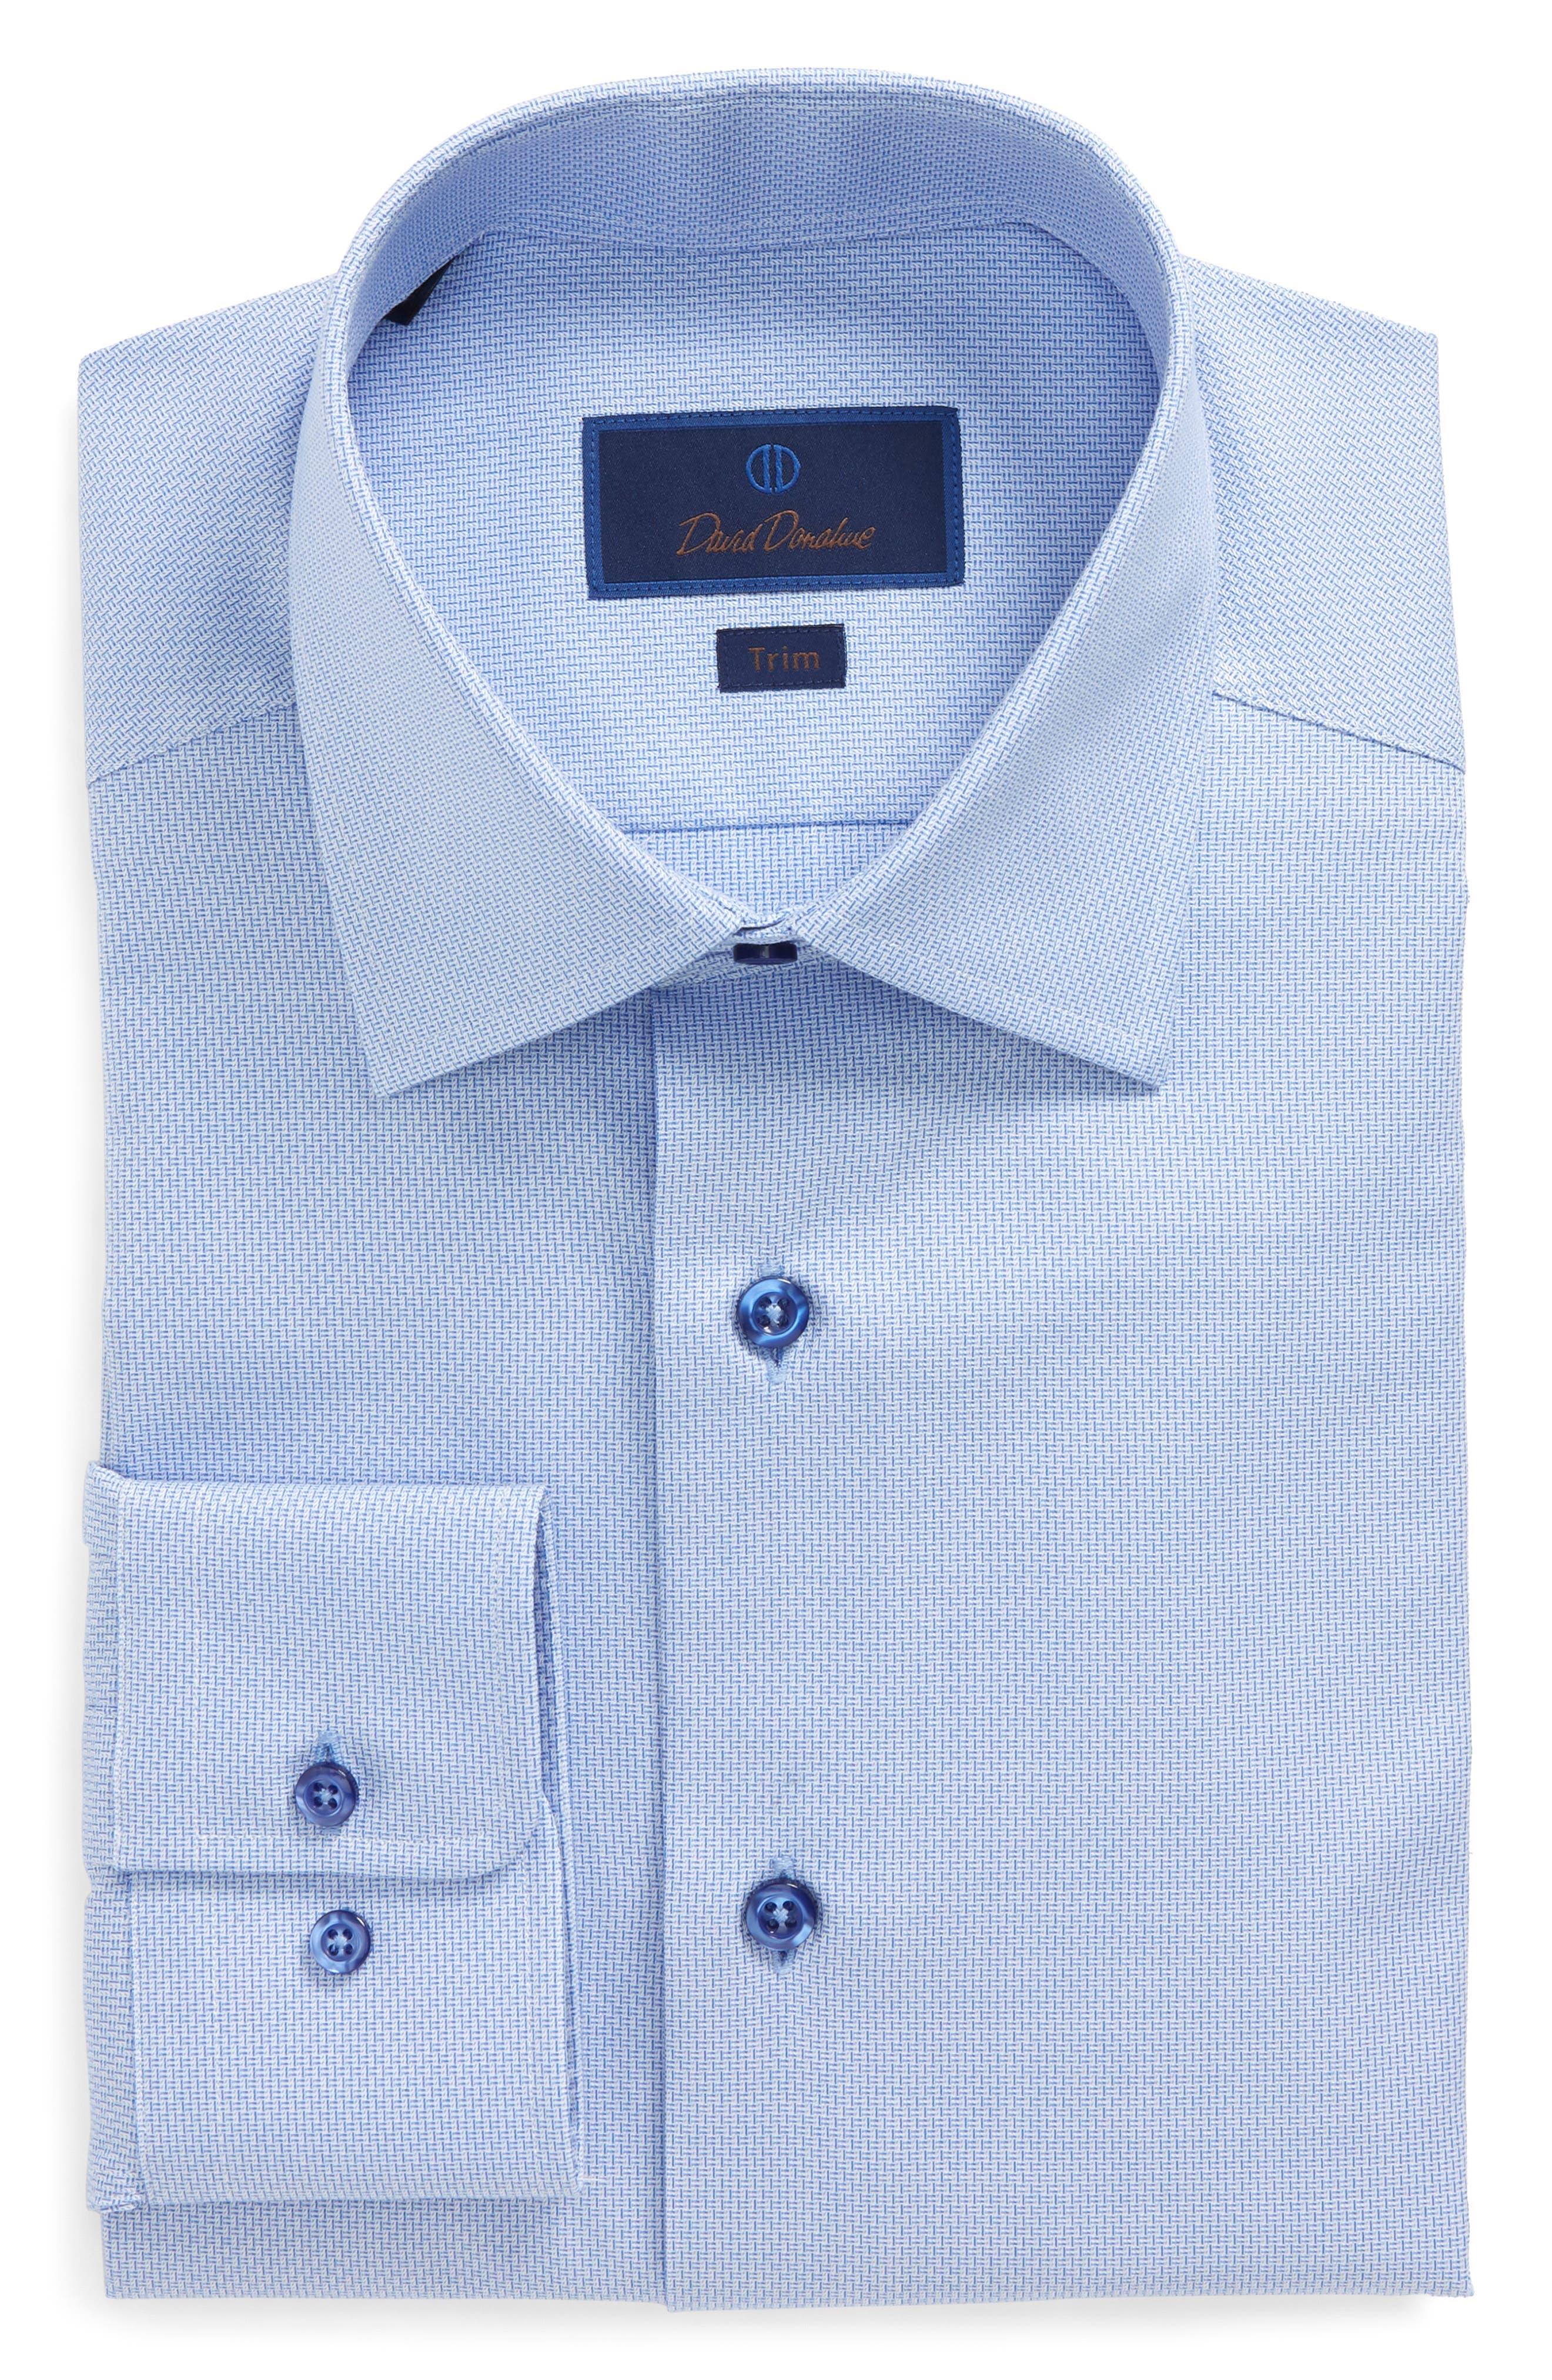 Trim Fit Solid Dress Shirt,                             Alternate thumbnail 5, color,                             423